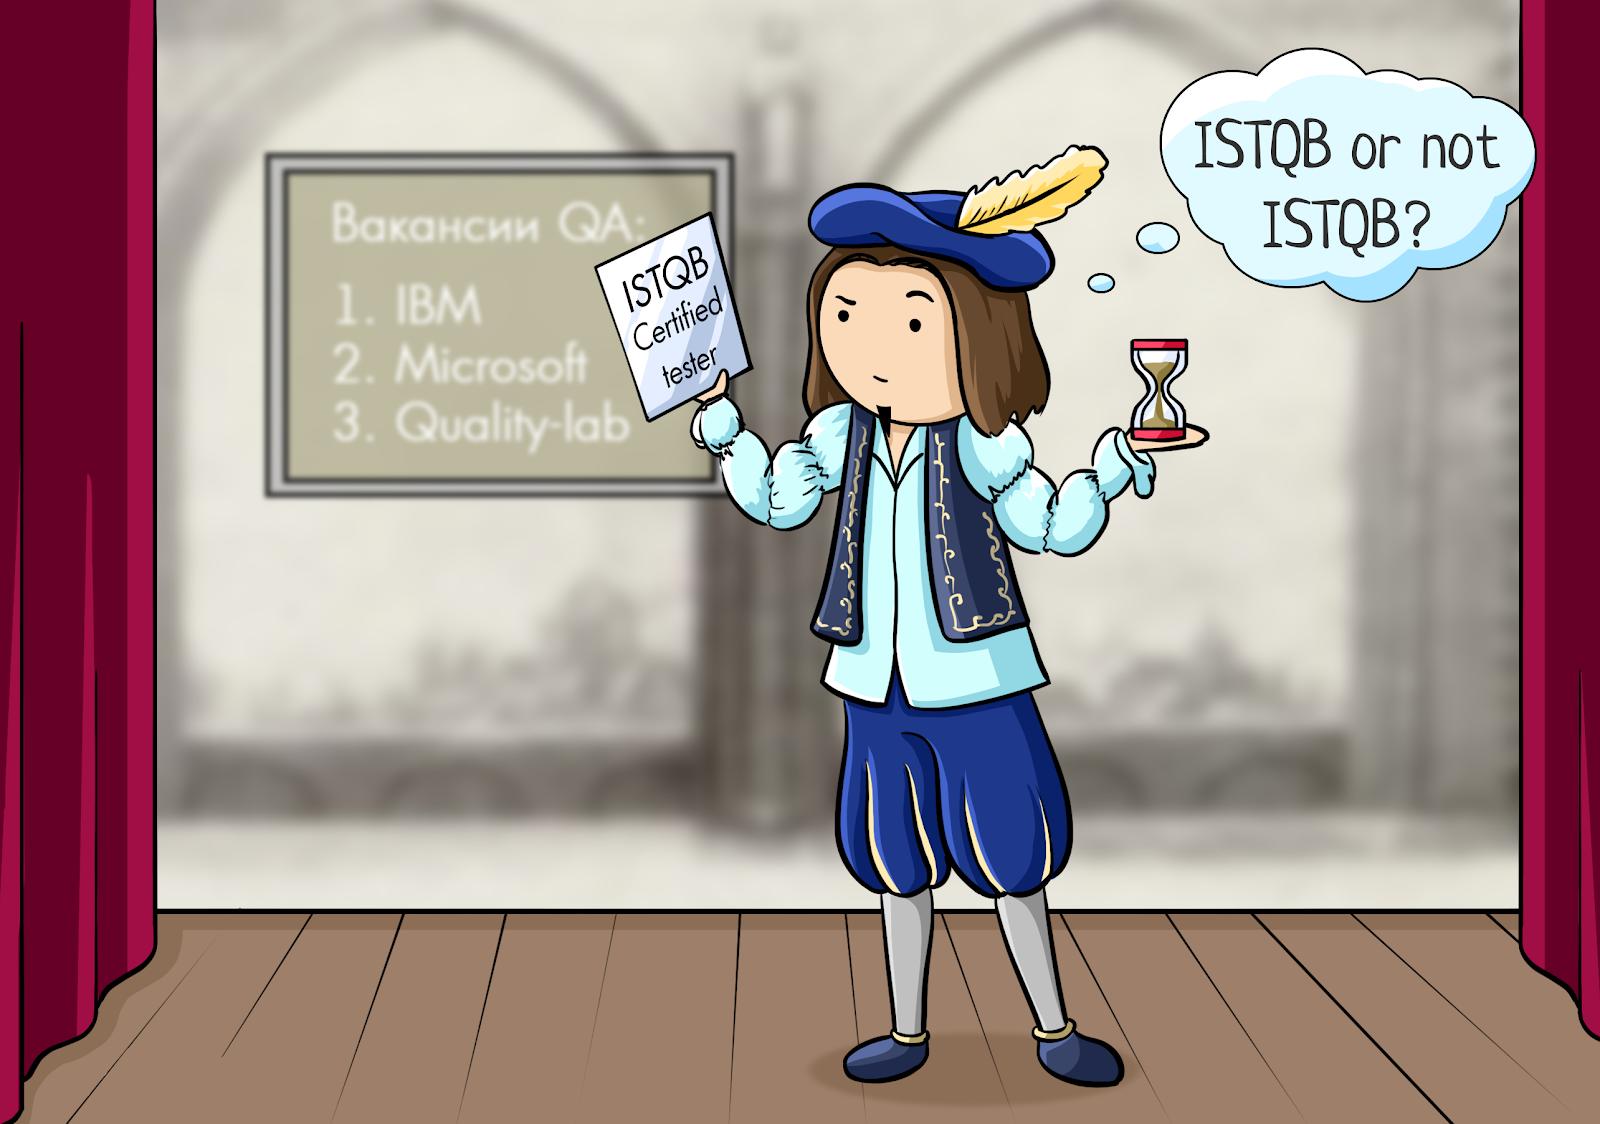 Quality-lab сертификация ISTQB